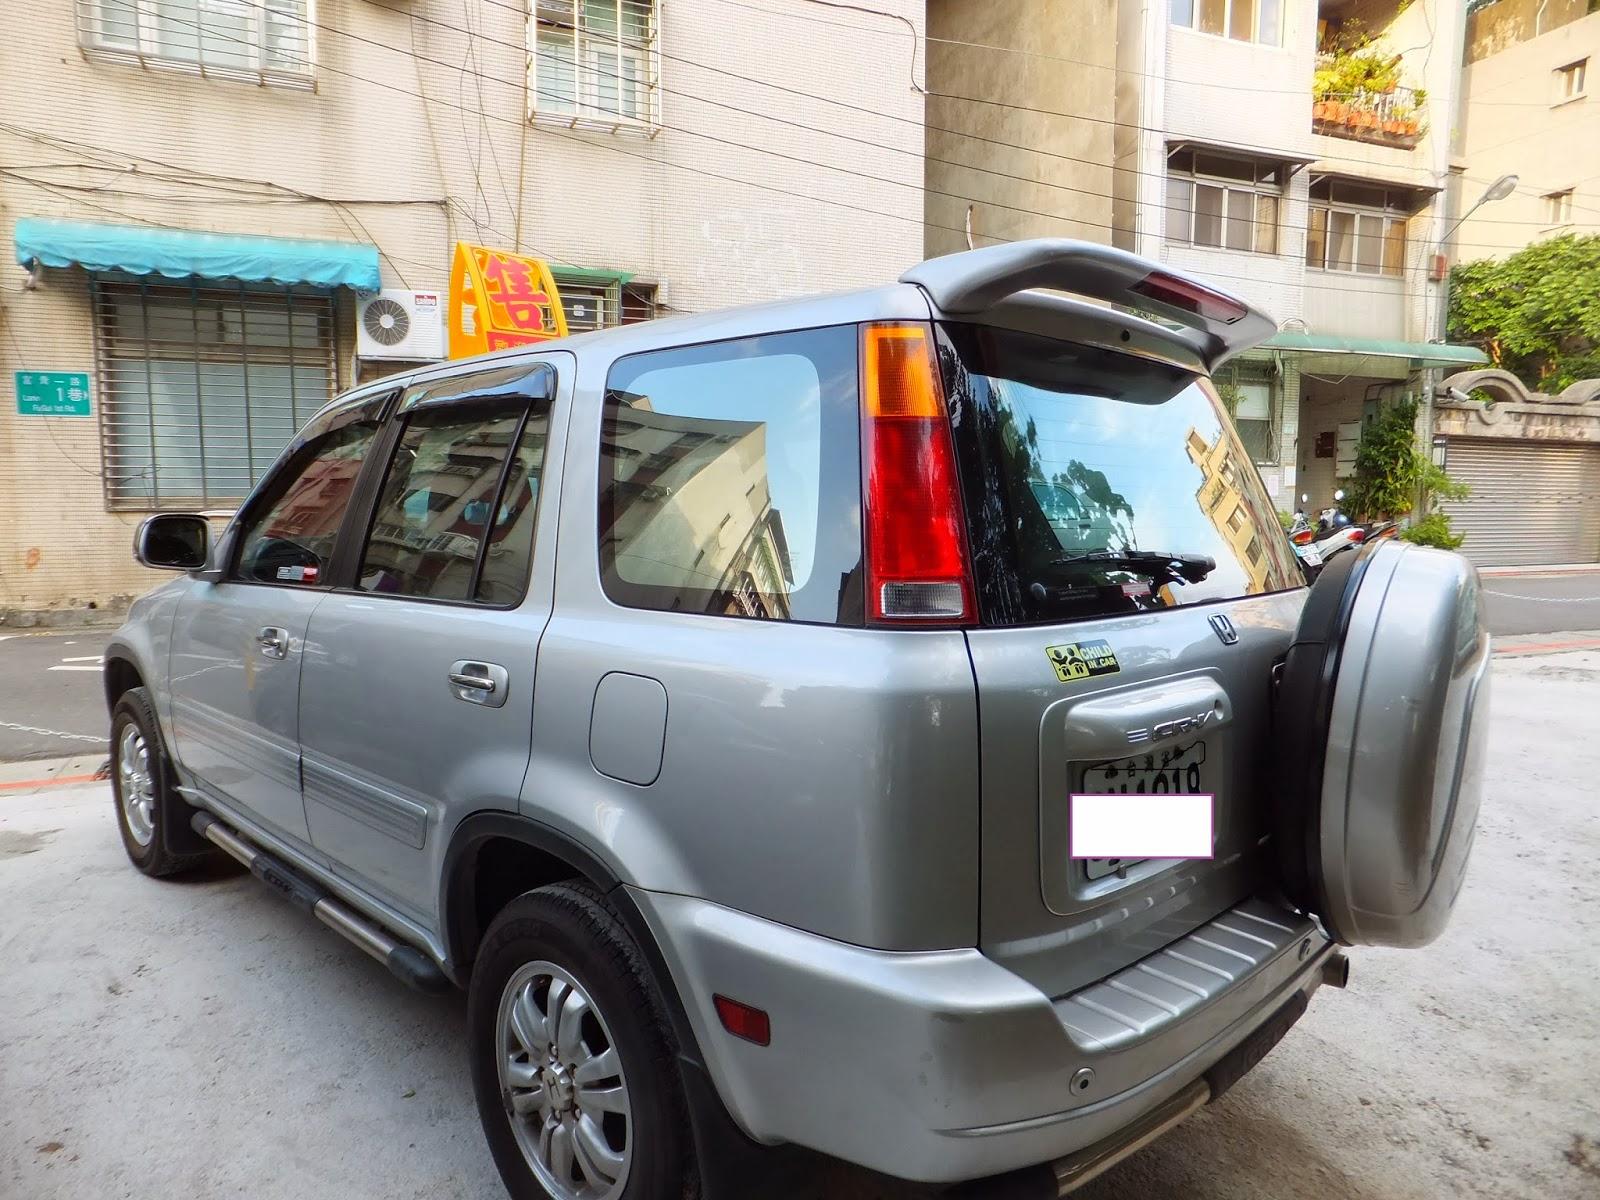 清和中古車: 喜美中古休旅車